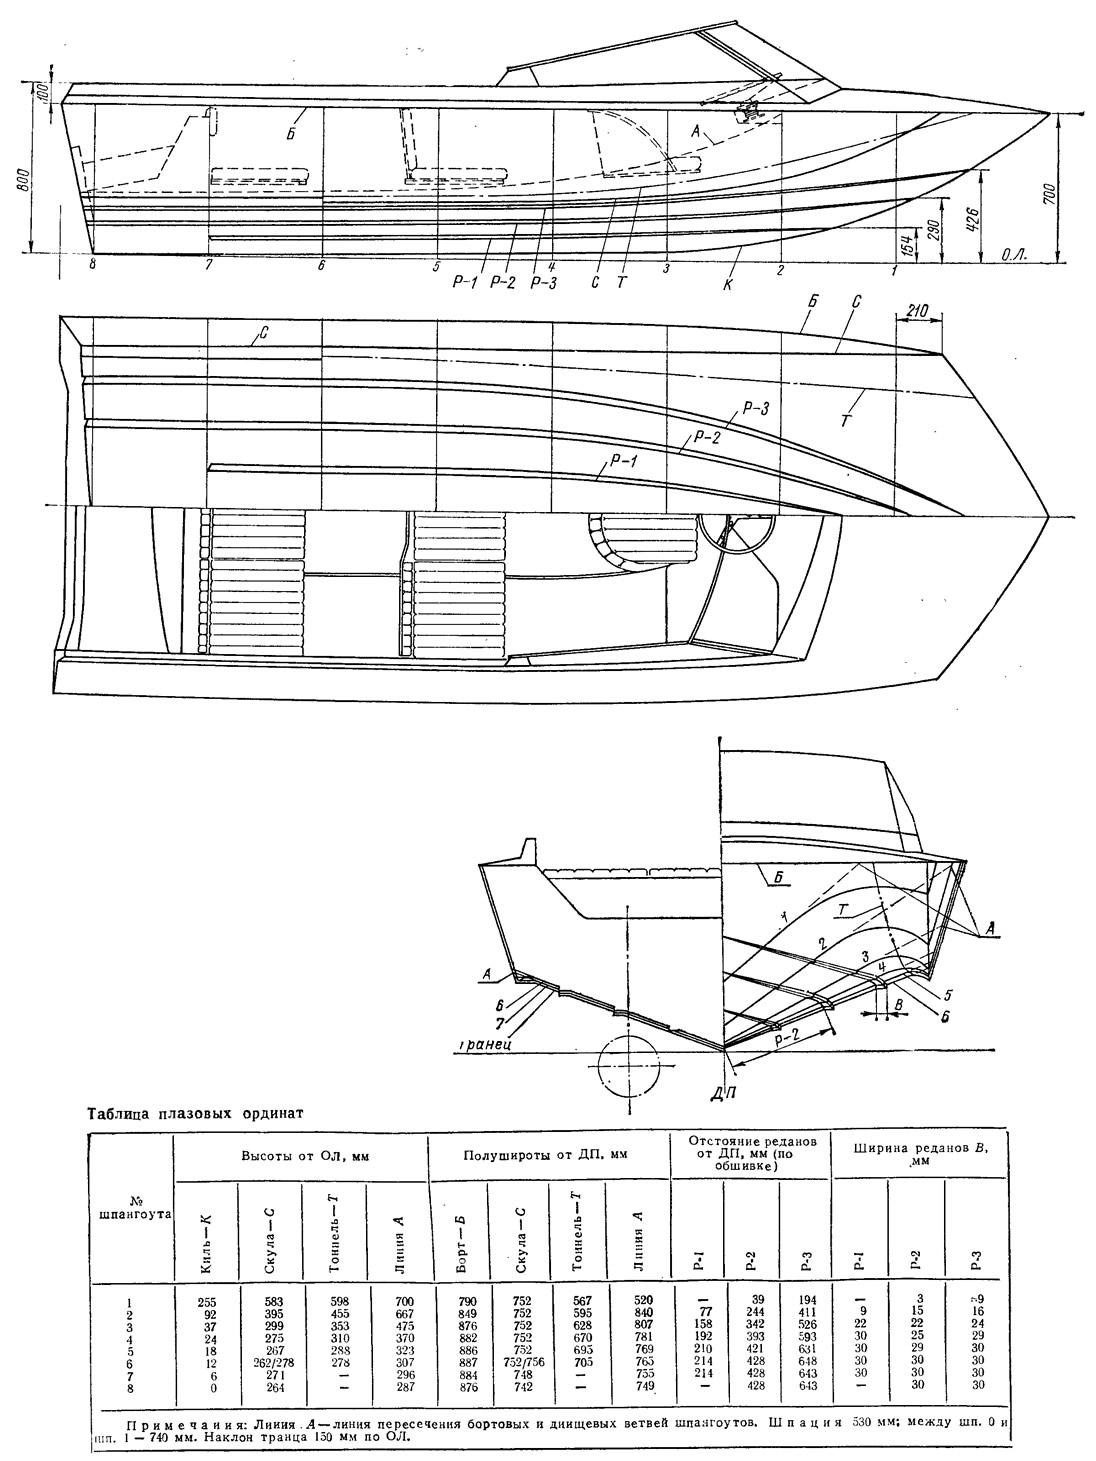 чертежи лодок радуга